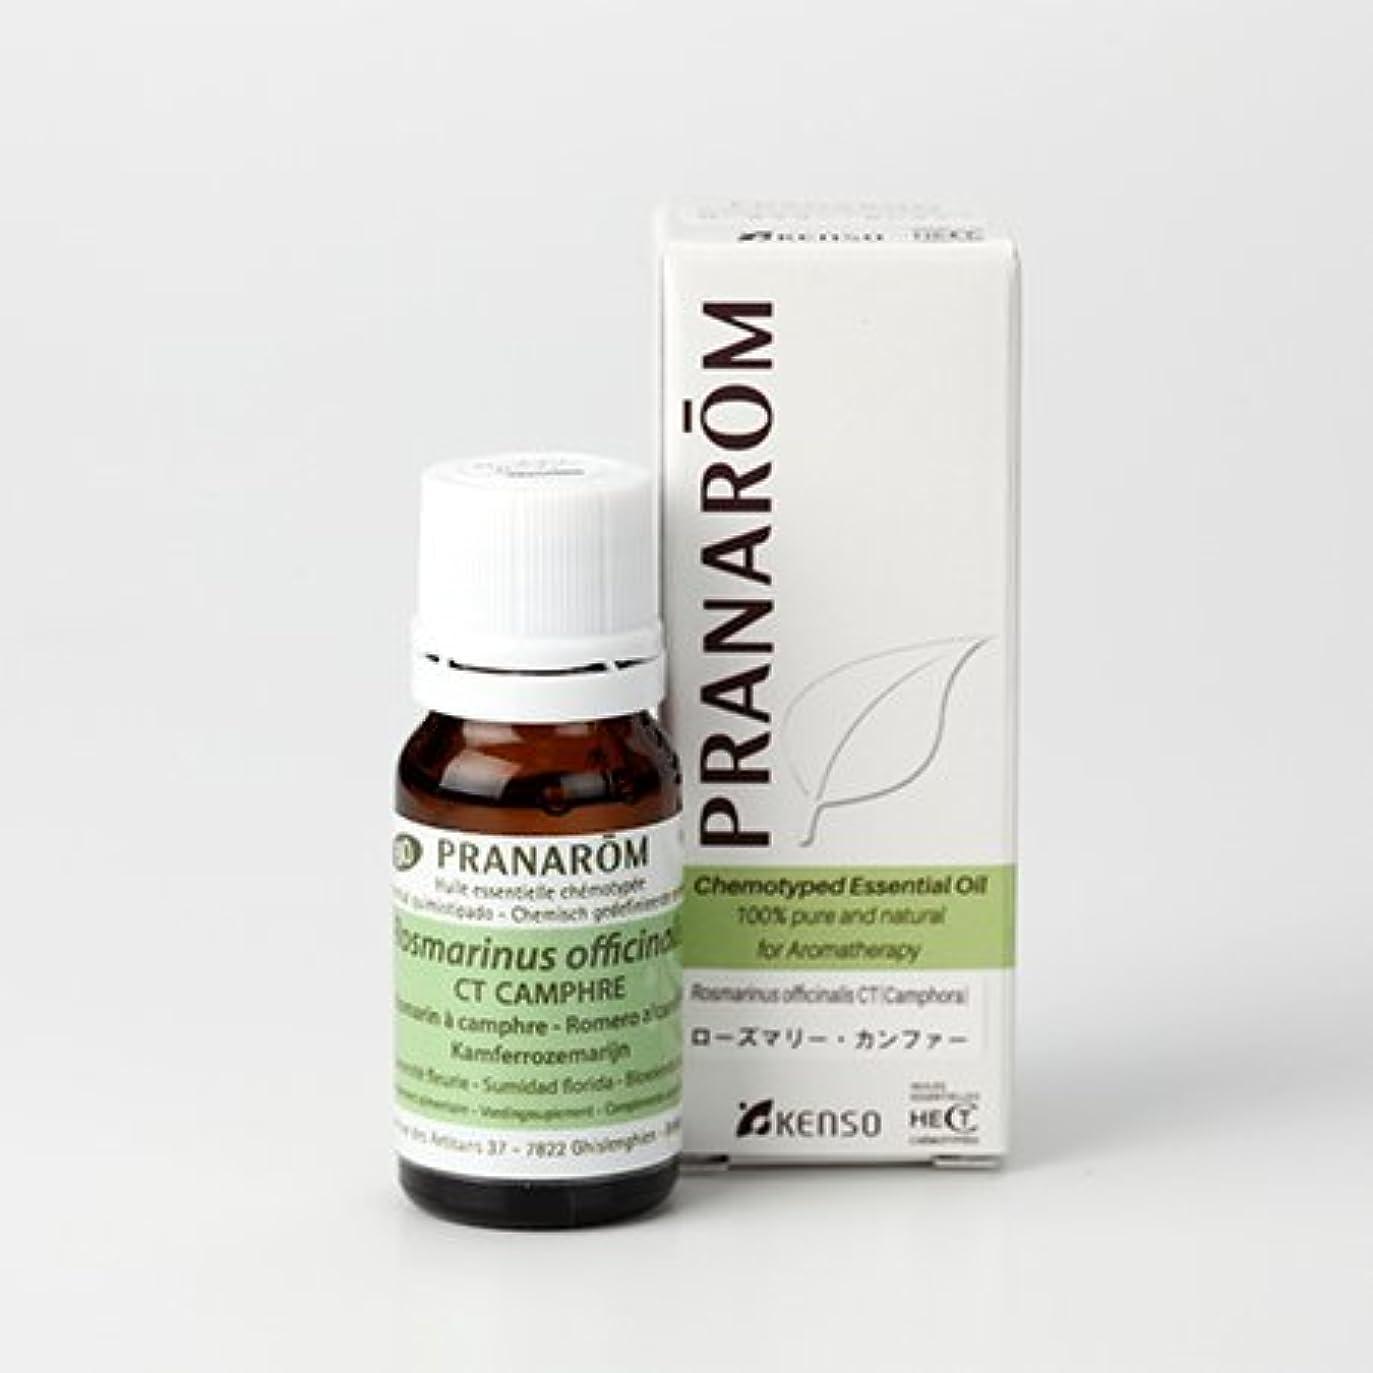 振る舞う割り当てます種【ローズマリーカンファー 10ml】→クッキリとした樟脳の香り?(リフレッシュハーブ系)[PRANAROM(プラナロム)精油/アロマオイル/エッセンシャルオイル]P-162